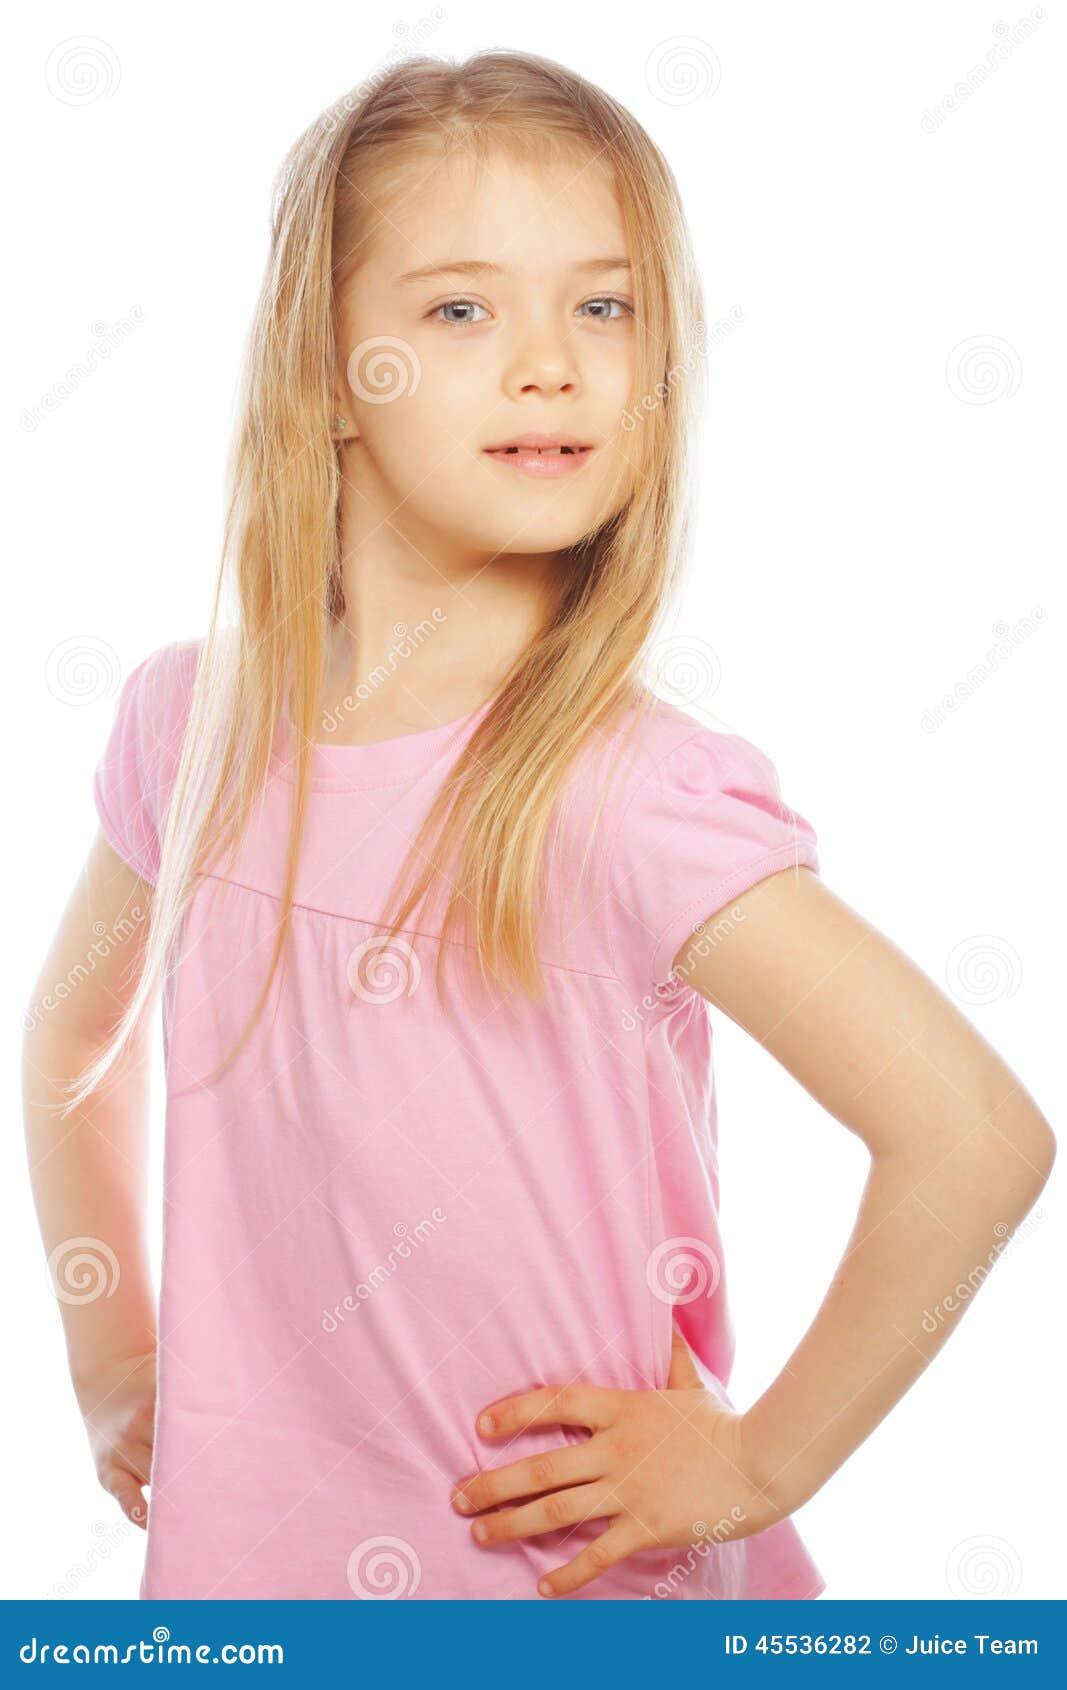 Smiling little girl on white background in studio